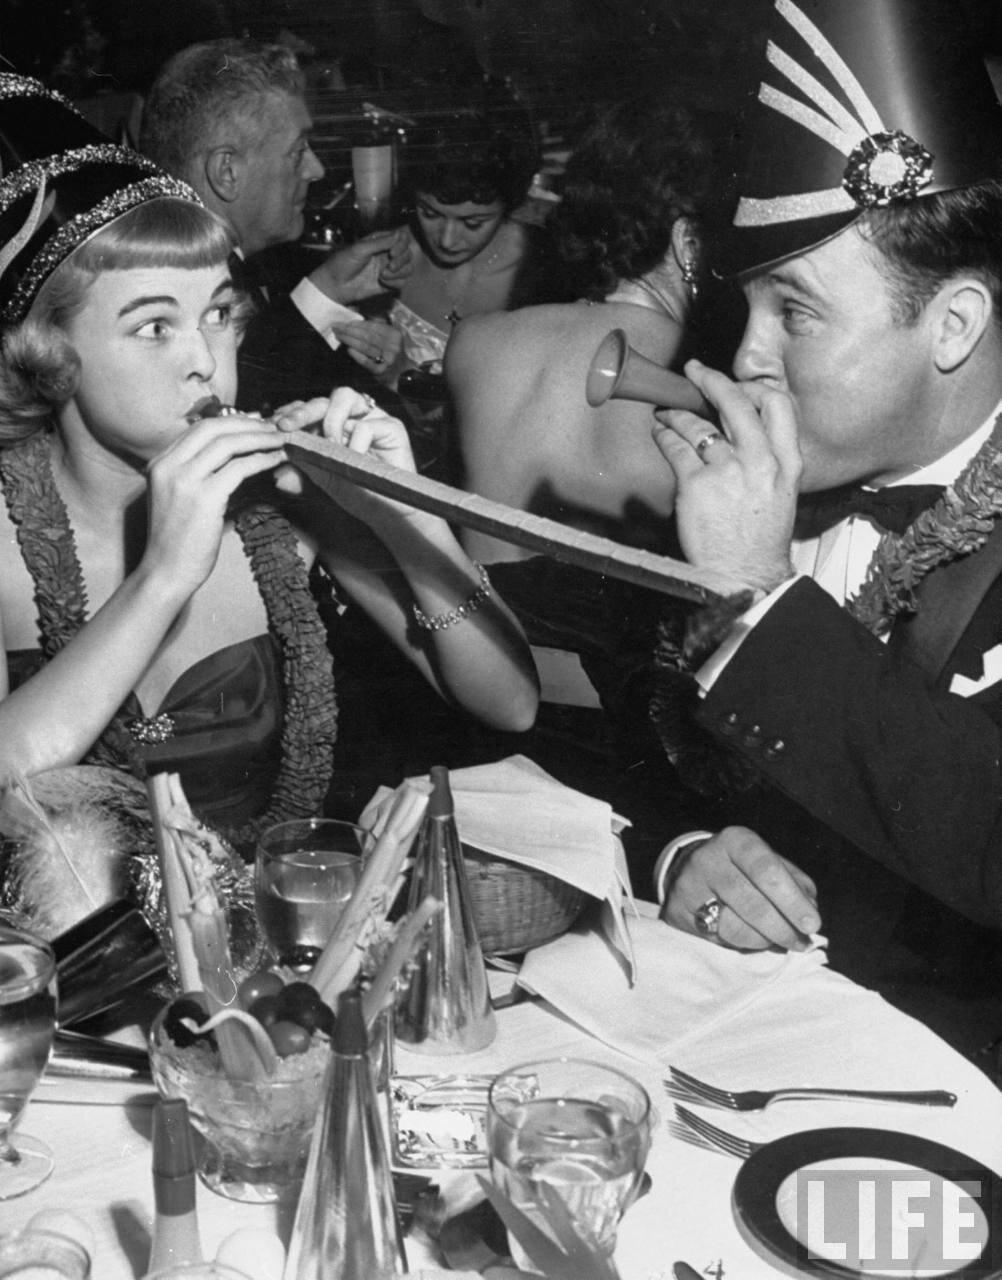 1952. Учительница 6-го класса Нелл Оуэнс шумно празднует Новый год со своим мужем Джорджем в ночном клубе Голливуда (Калифорния)